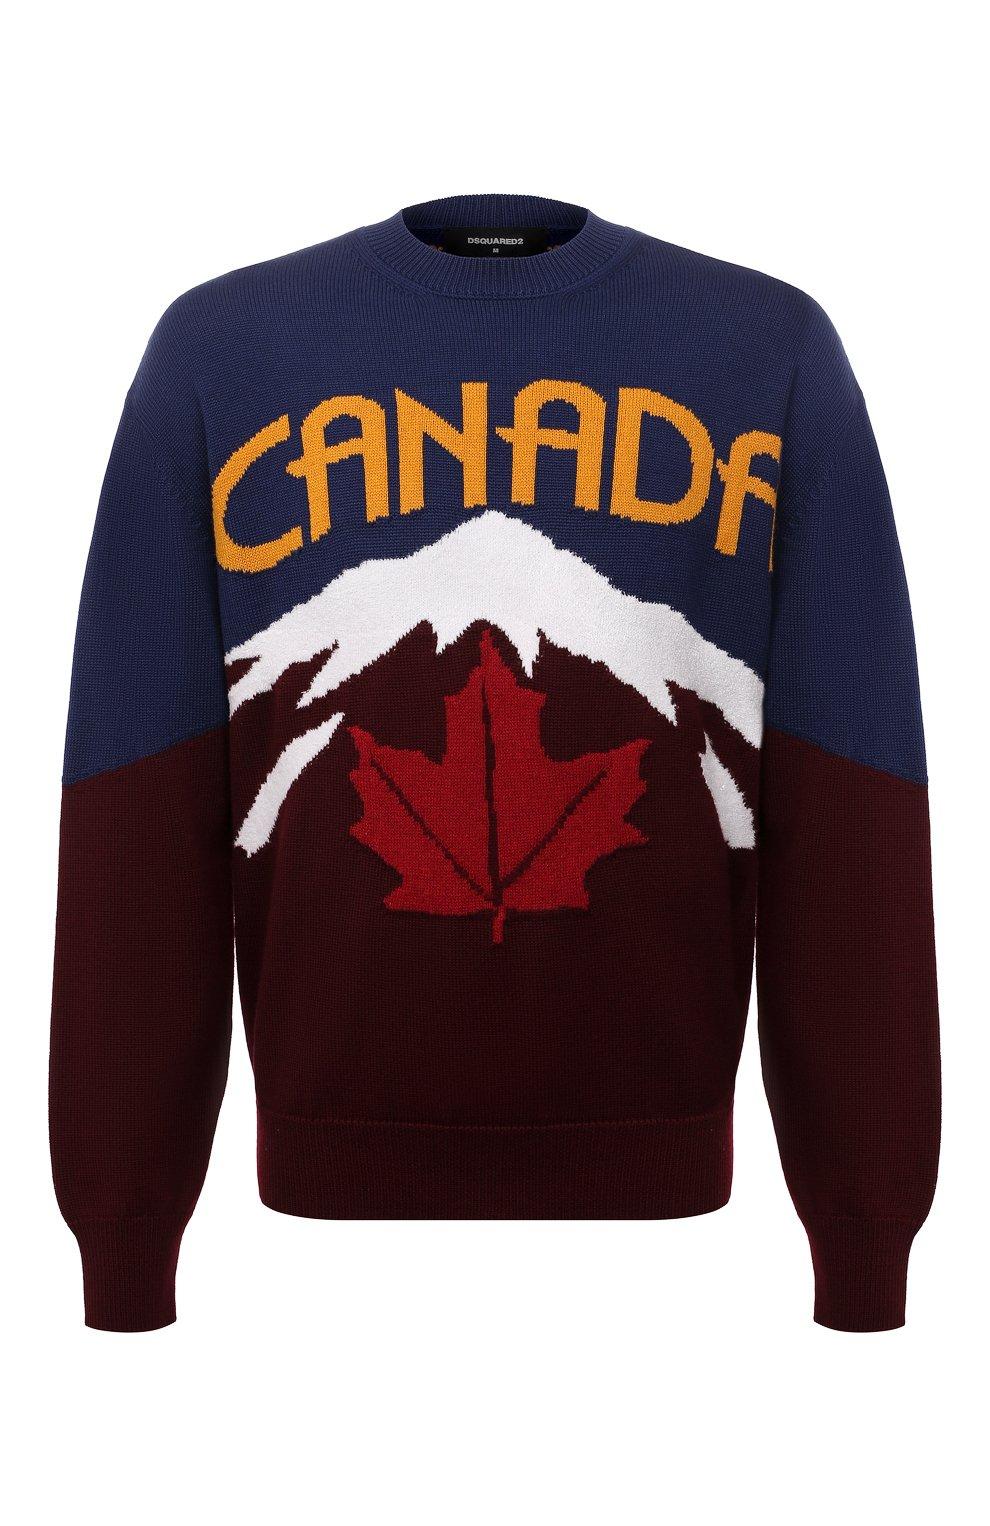 Мужской свитер из шерсти и кашемира DSQUARED2 разноцветного цвета, арт. S74HA1194/S17777 | Фото 1 (Материал внешний: Шерсть; Рукава: Длинные; Длина (для топов): Стандартные)